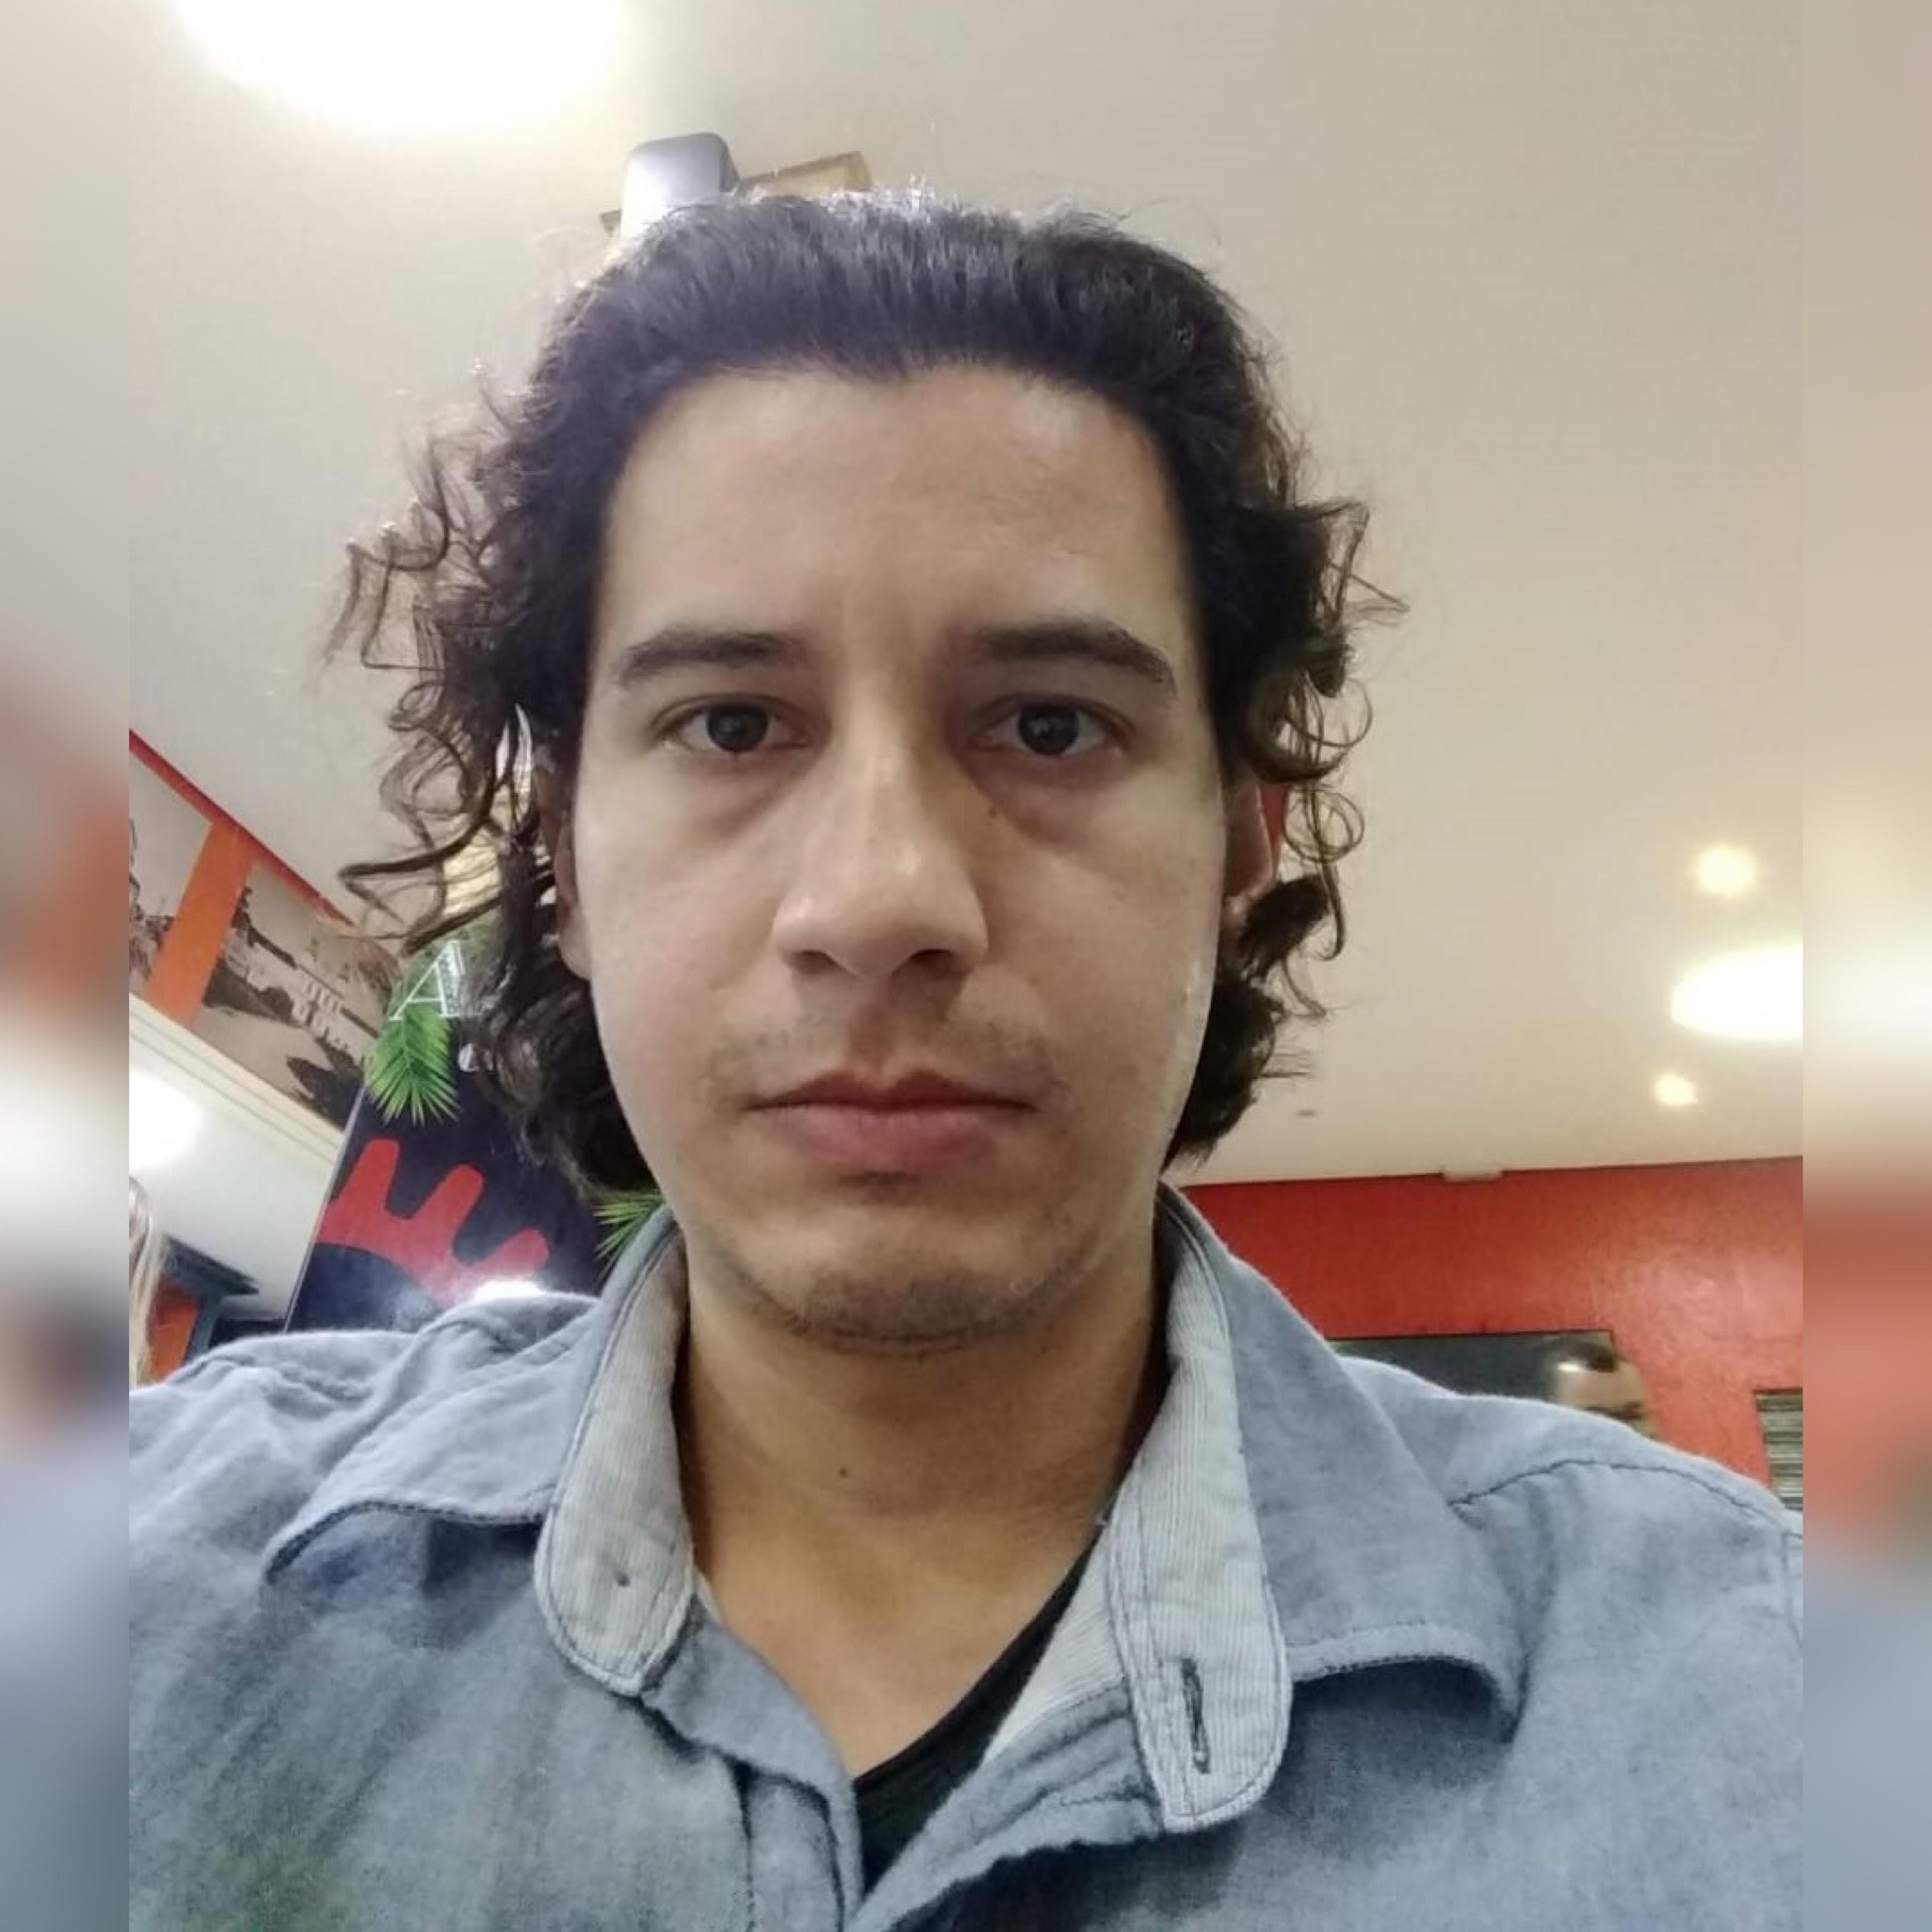 Jovem de 28 anos que desapareceu após sair para caminhar é encontrado em Itu